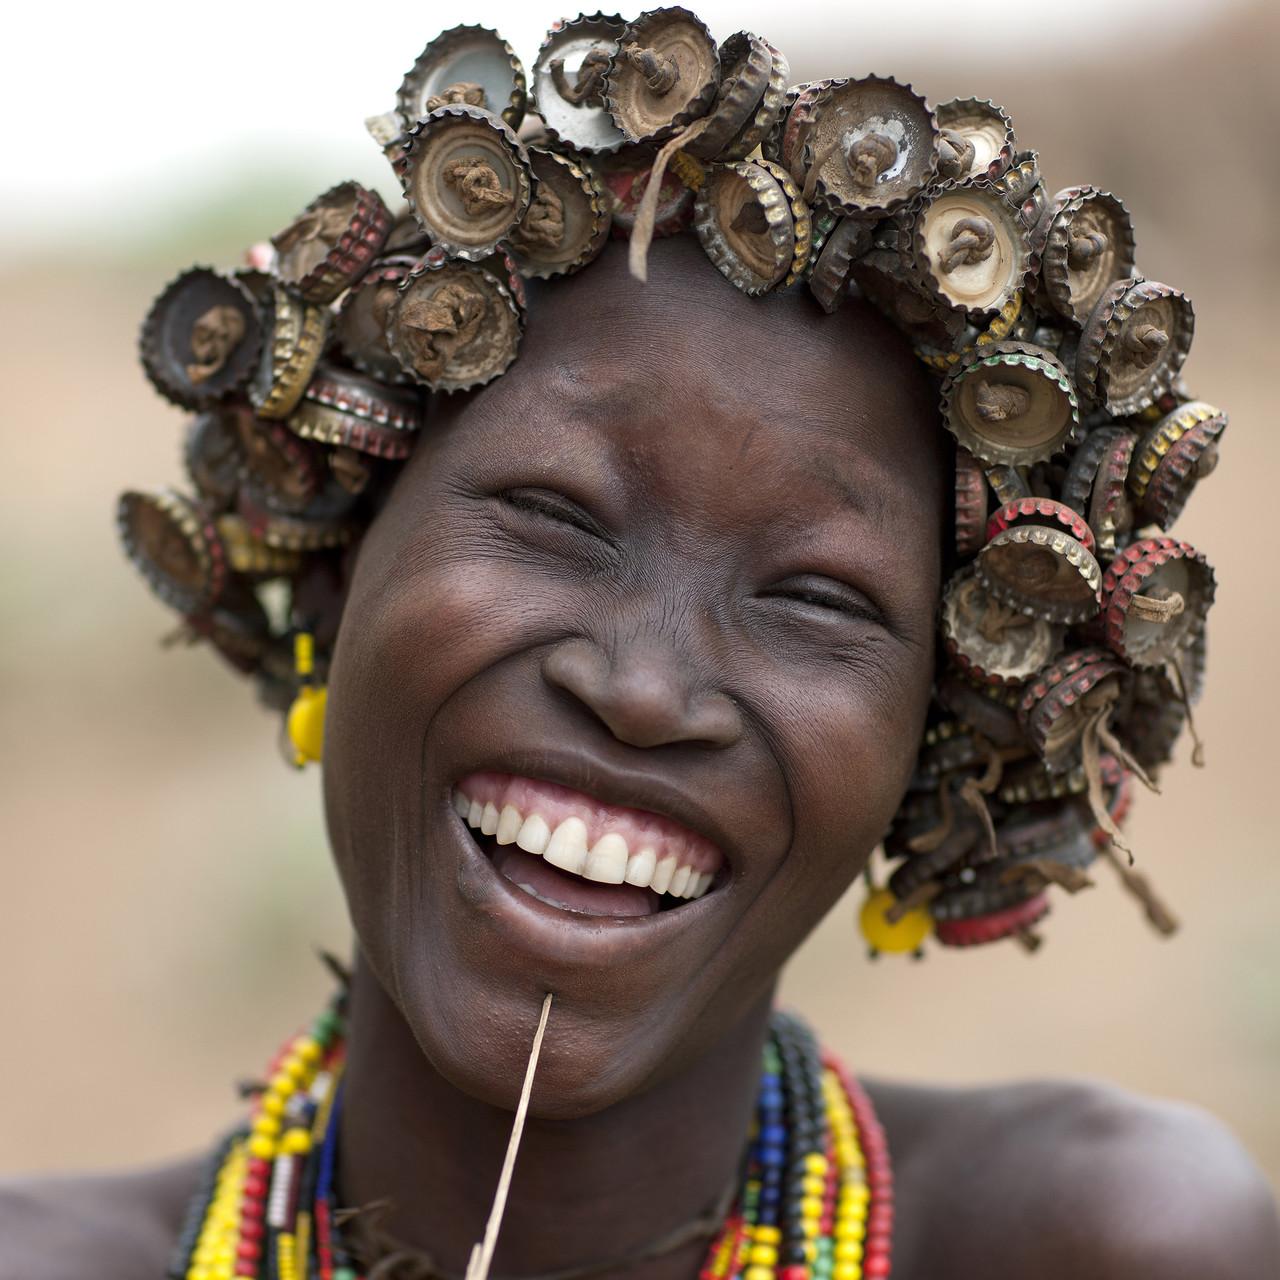 фото прикольных африканцев предоставляют